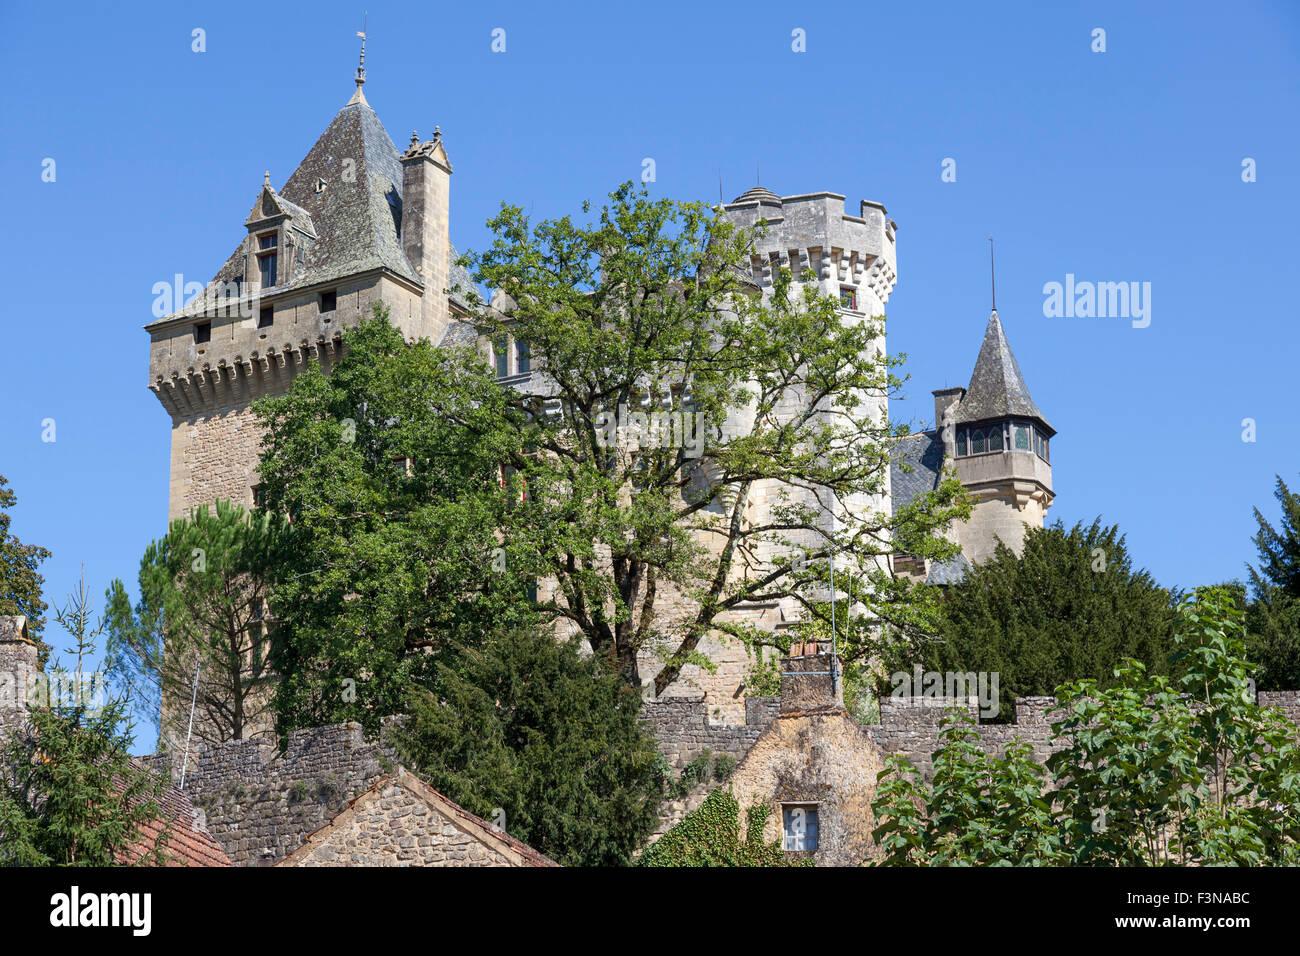 The Montfort stronghold, at Vitrac (Dordogne - France). Le château fortifié de Montfort, à Vitrac - Stock Image